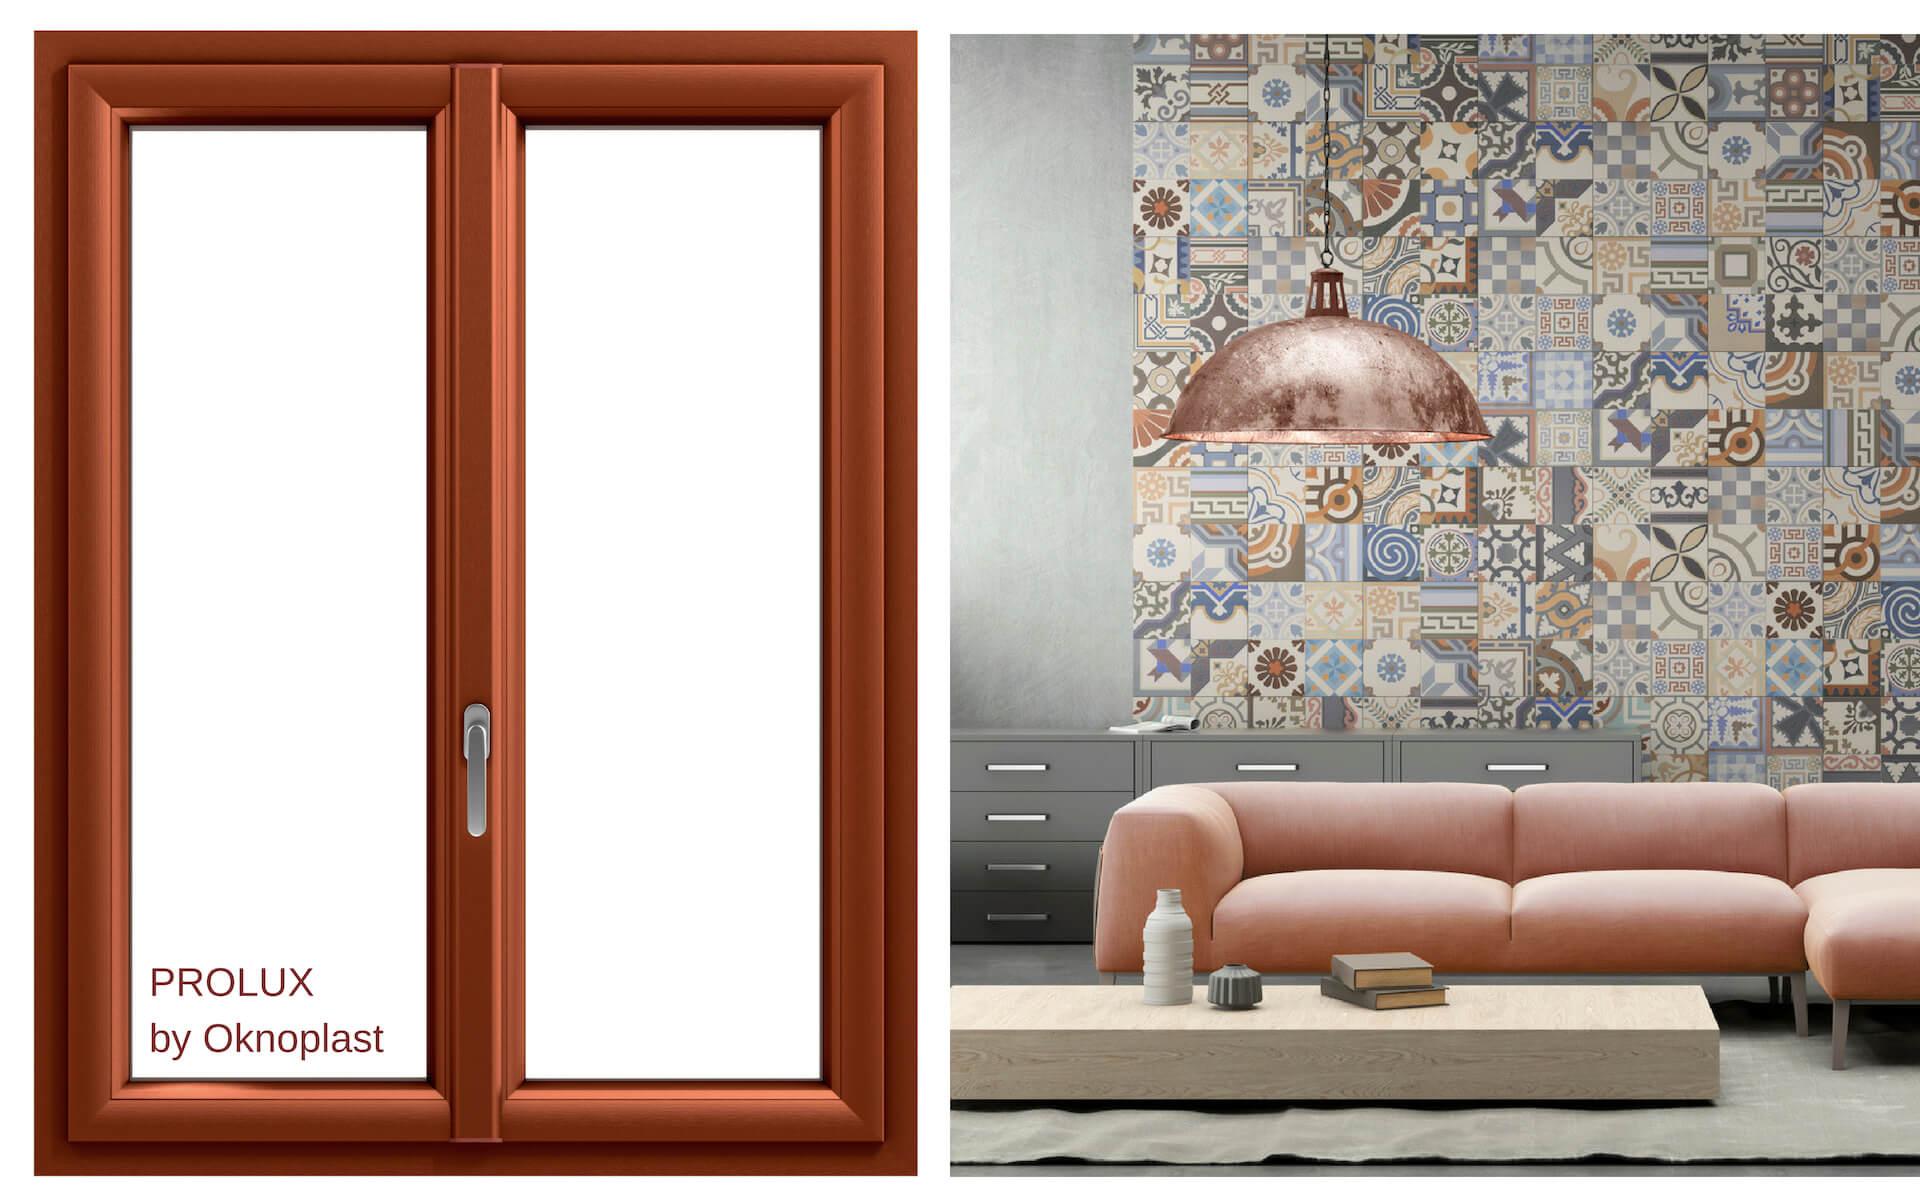 Consigli per abbinare le finestre con oggetti e arredi colore rame